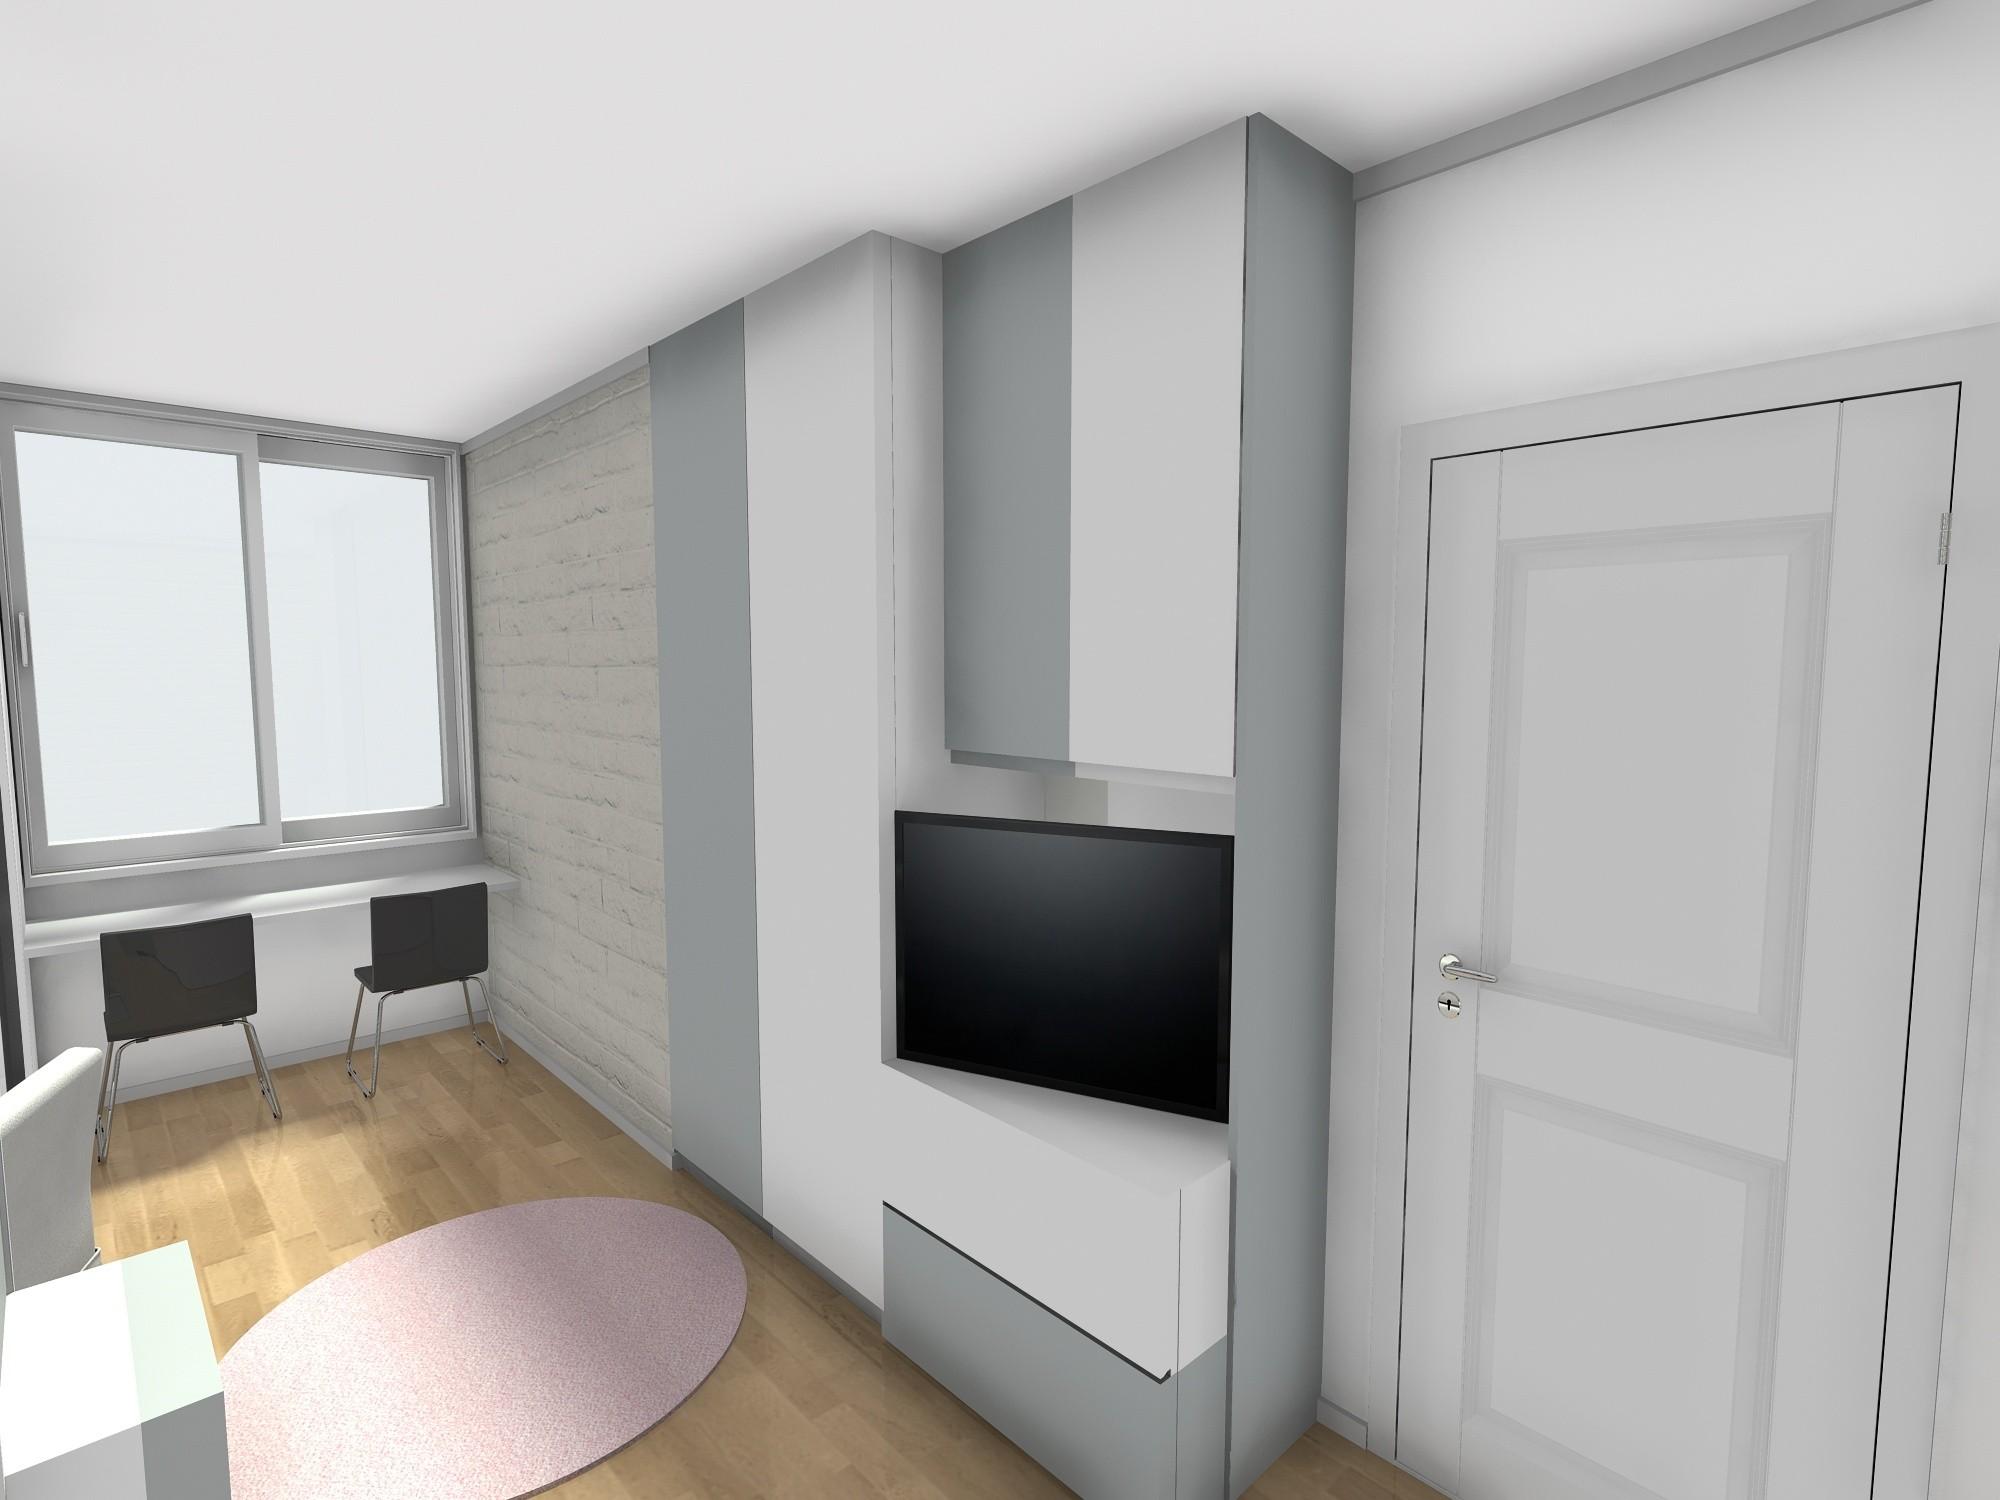 trosoban stan 60 m2 tinjedžerska soba